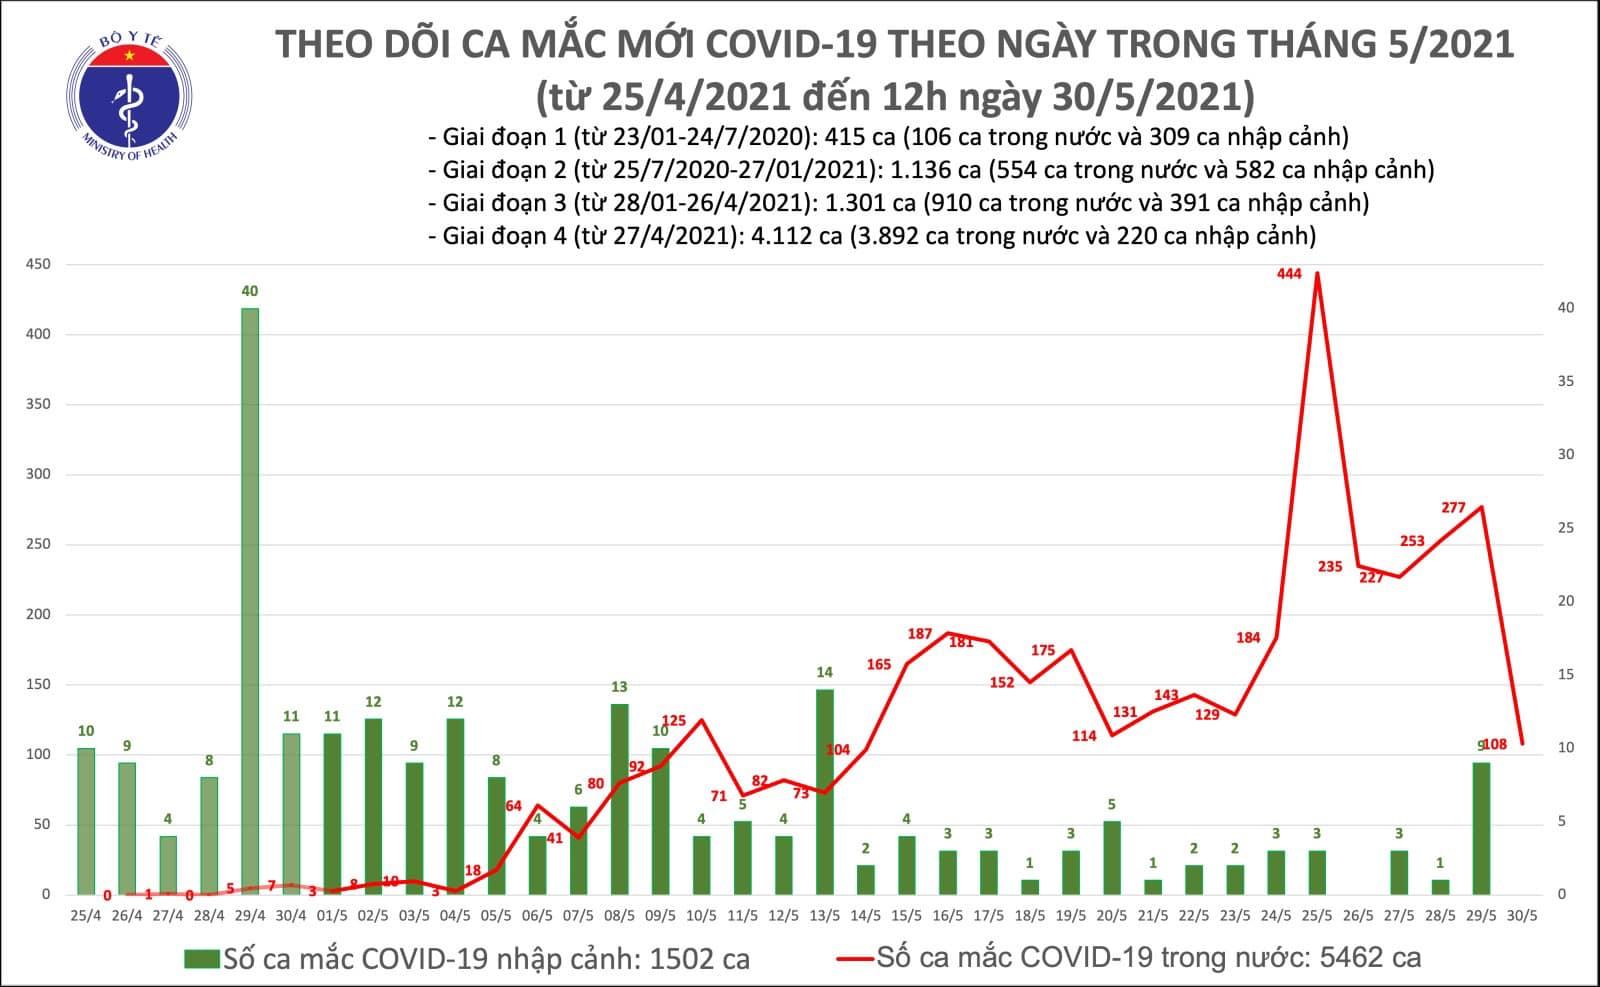 Dịch Covid-19, Dịch covid ở Bắc Giang, 8 ca liên quan Hội thánh Phục Hưng, Ca dương tính, SARS-CoV-2, covid trong nước, covid ở bắc ninh, covid ở hải phòng